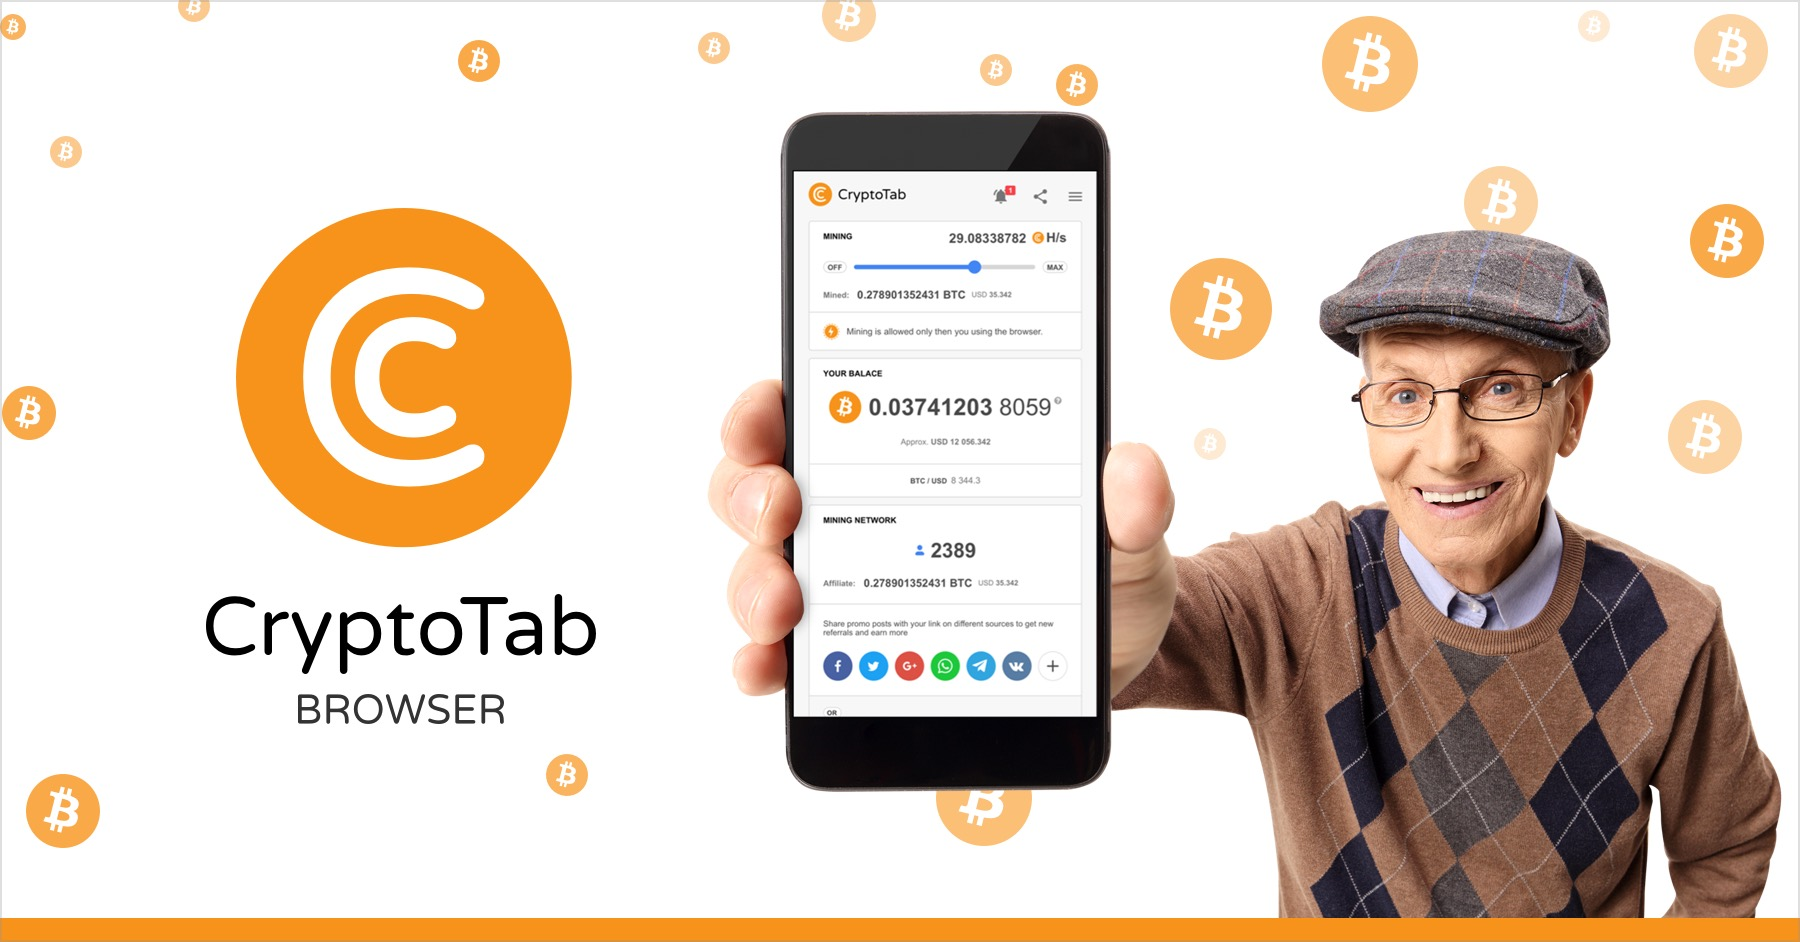 cryptotab-browser_social-post_vt-fullsiz